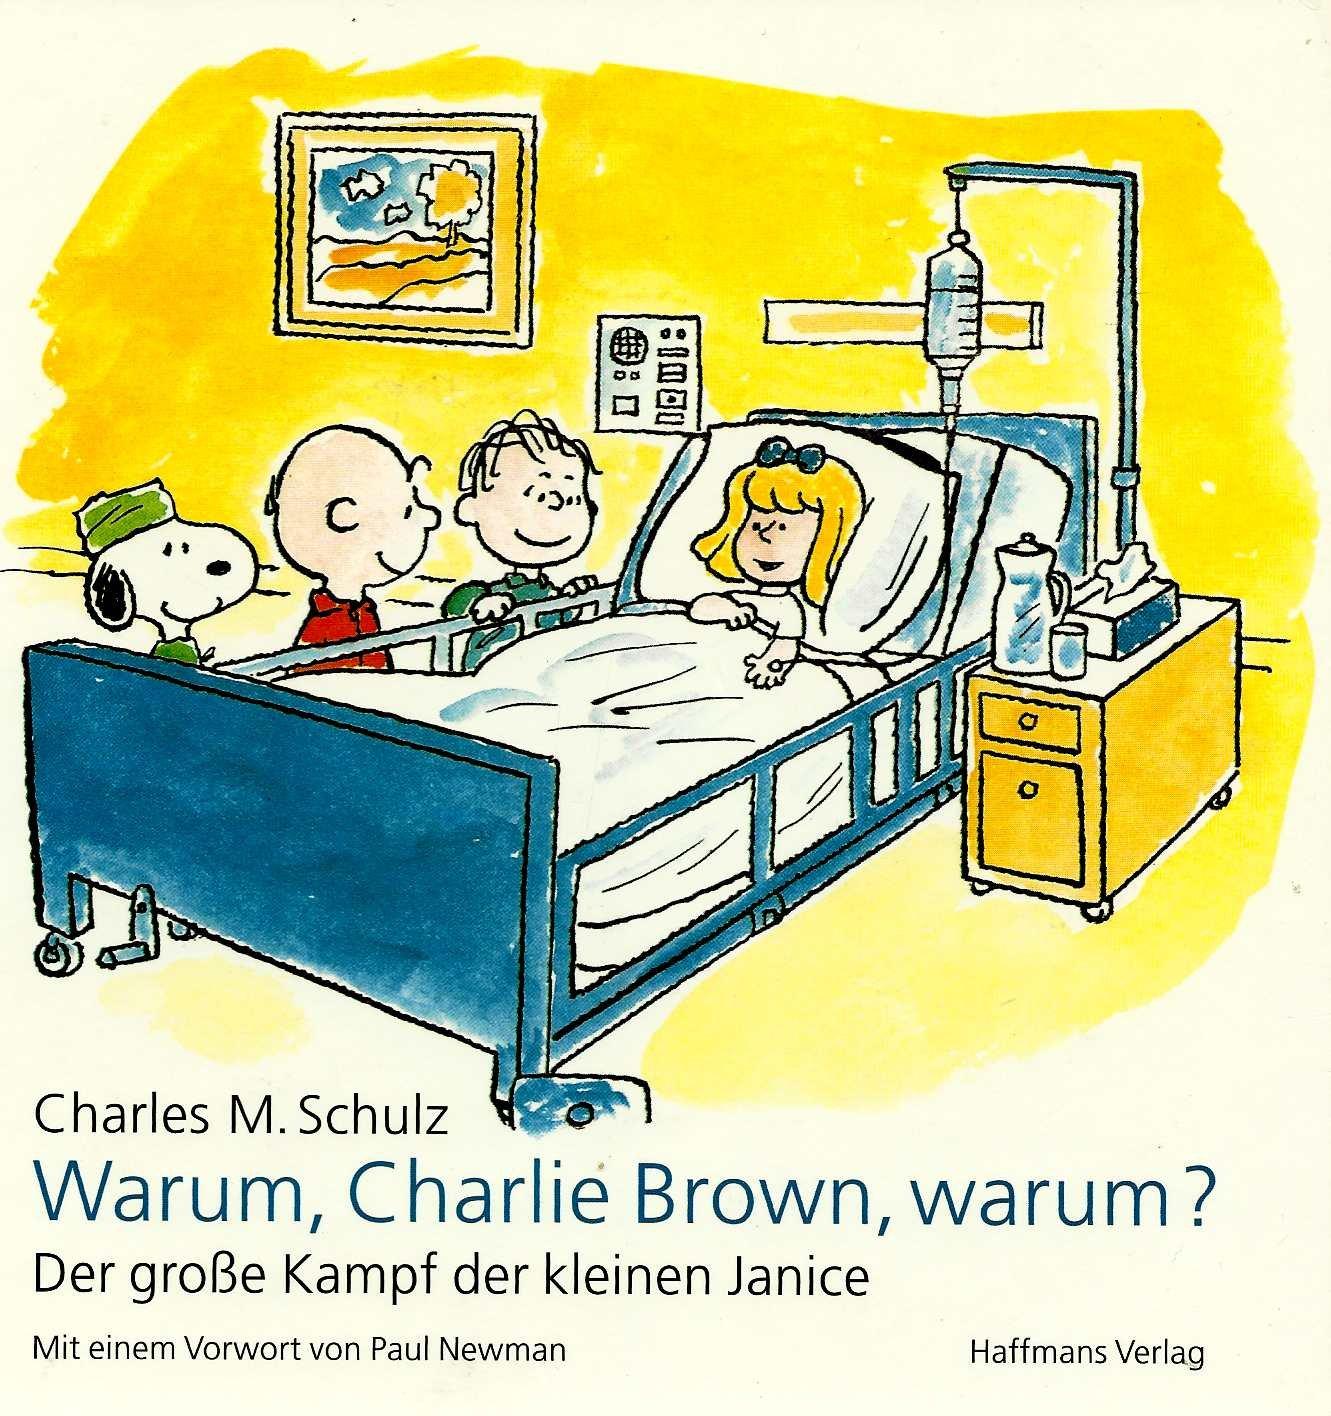 Warum, Charlie Brown, warum?: Der grosse Kampf der kleinen Janice